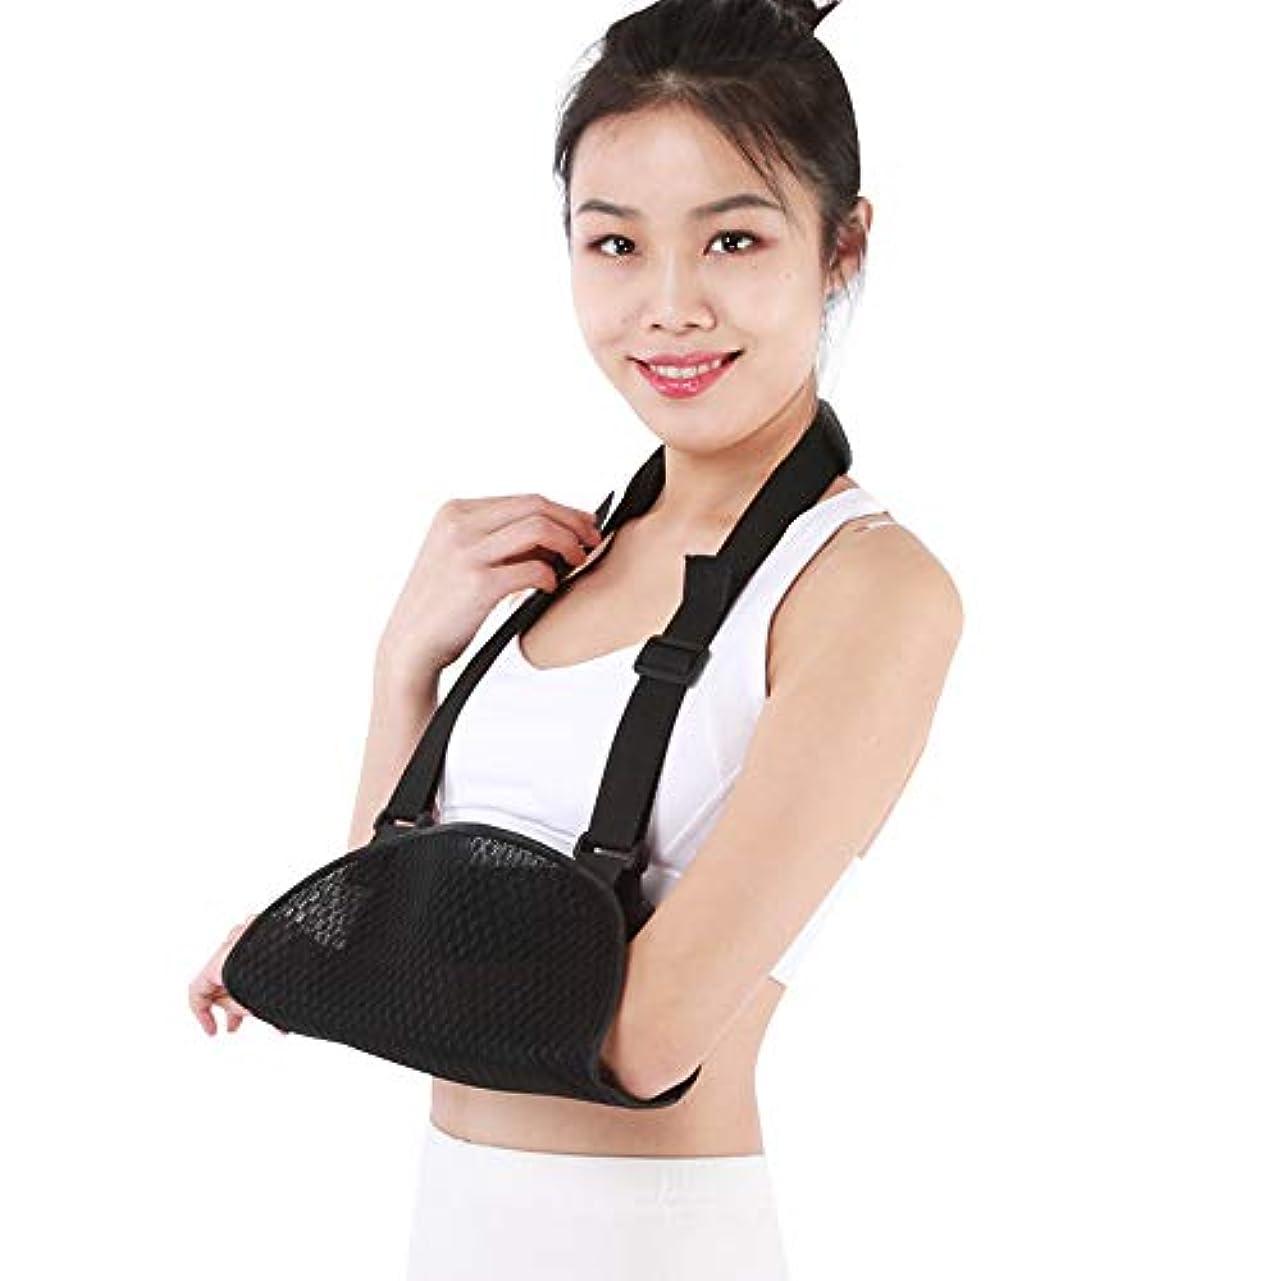 普遍的な密接に形容詞アームスリングメディカルサポートストラップ、男性用および女性用、肩、腕、肘、回旋腱板痛用の調節可能なスリングを備えた快適なイモビライザー